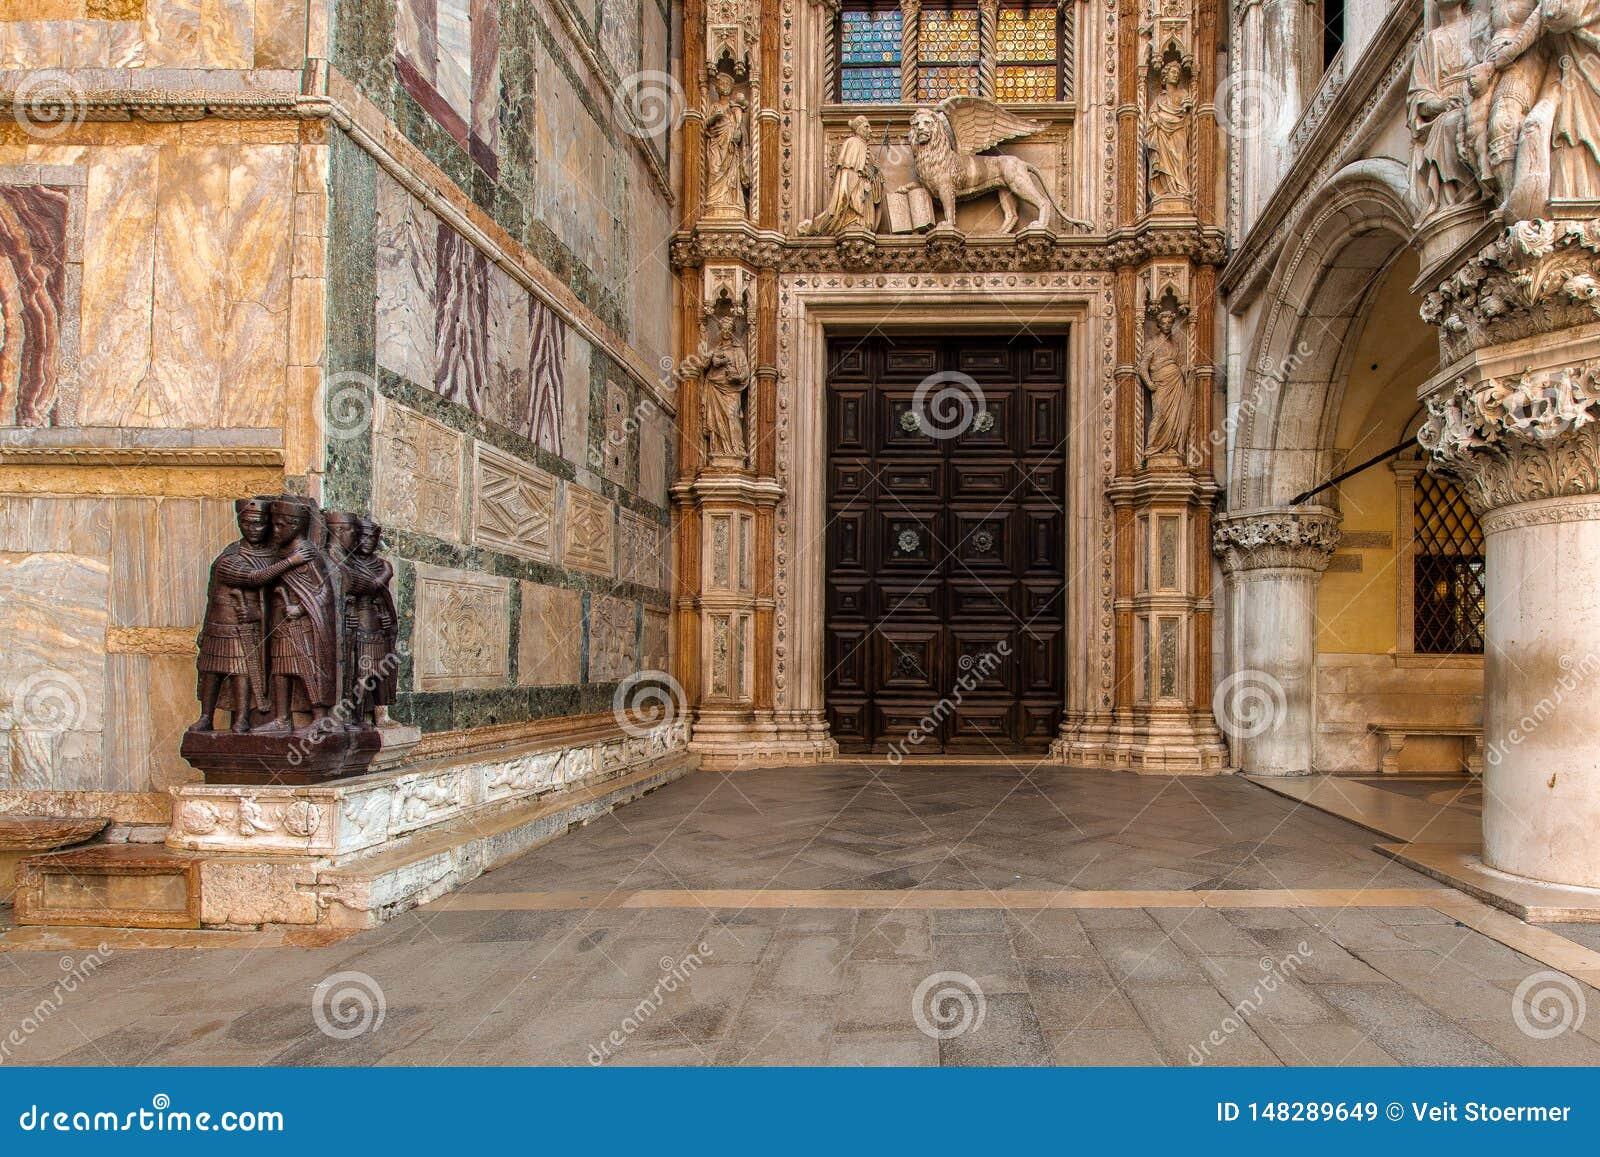 De ingang van het paleis van de doge